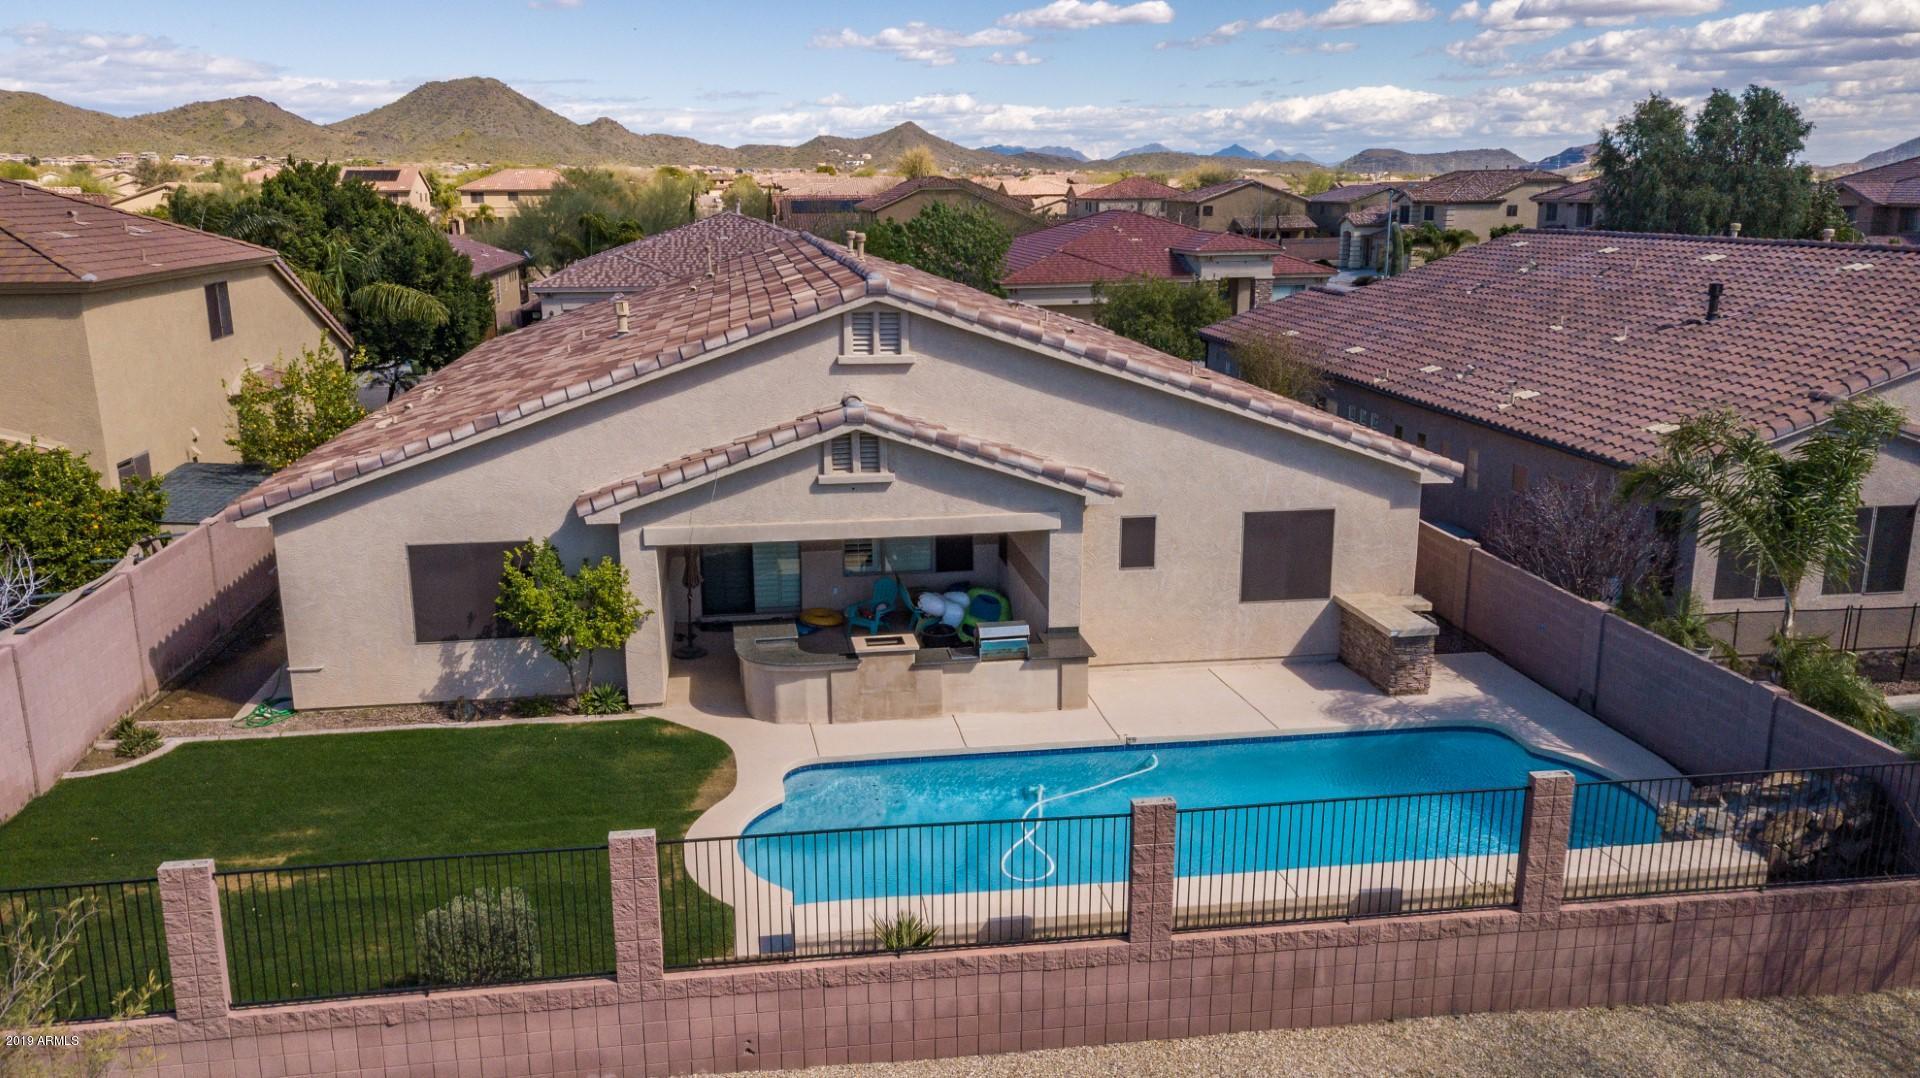 MLS 5897968 26714 N 24TH Avenue, Phoenix, AZ 85085 Phoenix AZ Valley Vista